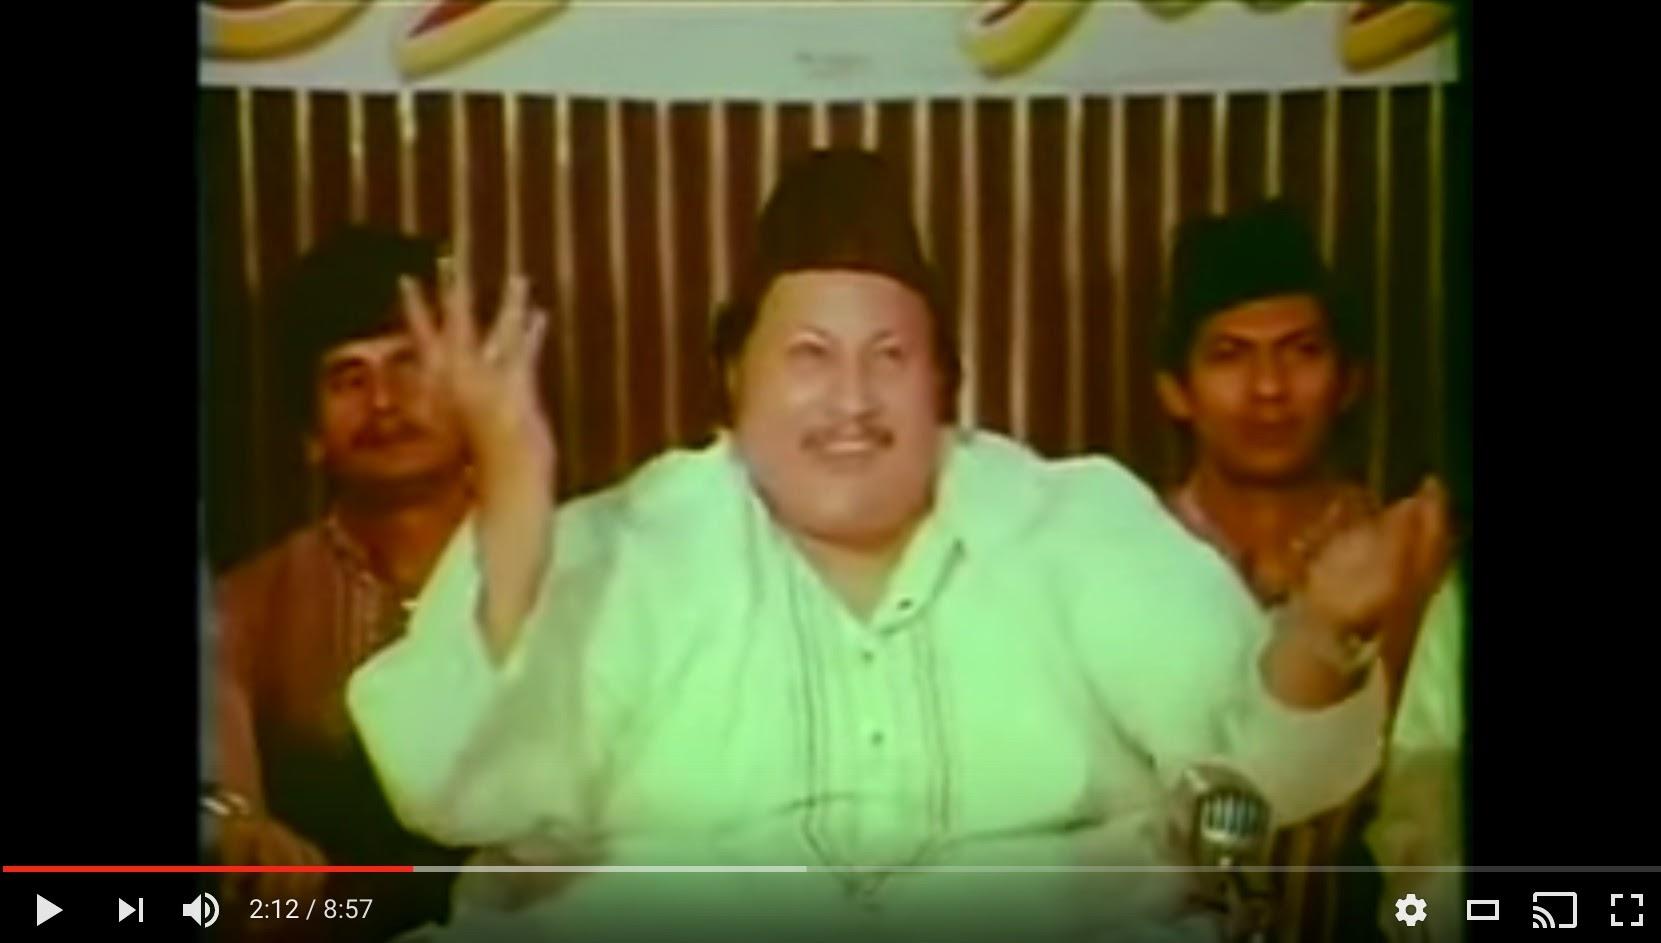 नुसरत फ़तेह अली खां बिस्मिल्ला की बरकत फिल्म में गाते हुए .. Nusrat Fateh Ali Khan singing in the film Bismillah Ki Barkat